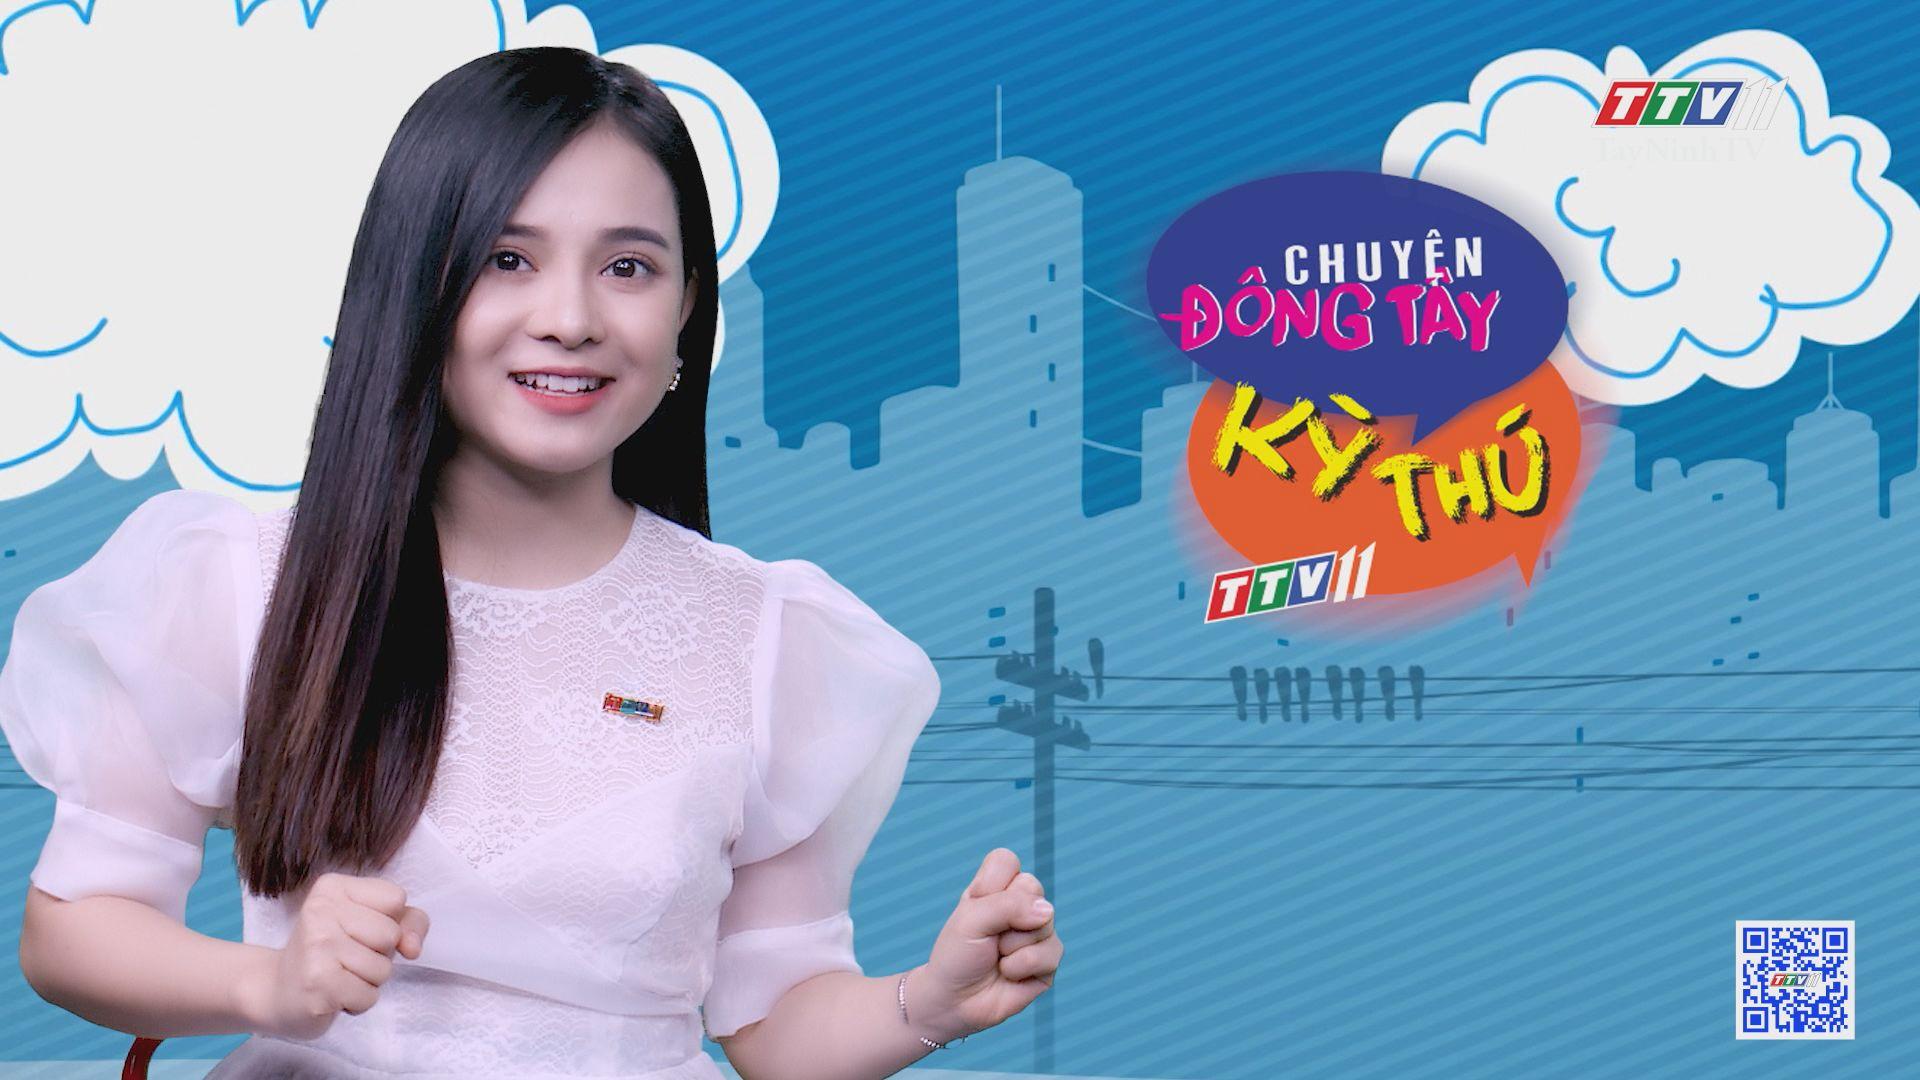 Đứa con tinh thần của ngư dân Malaysia | Chuyện Đông Tây Kỳ Thú | TayNinhTVE